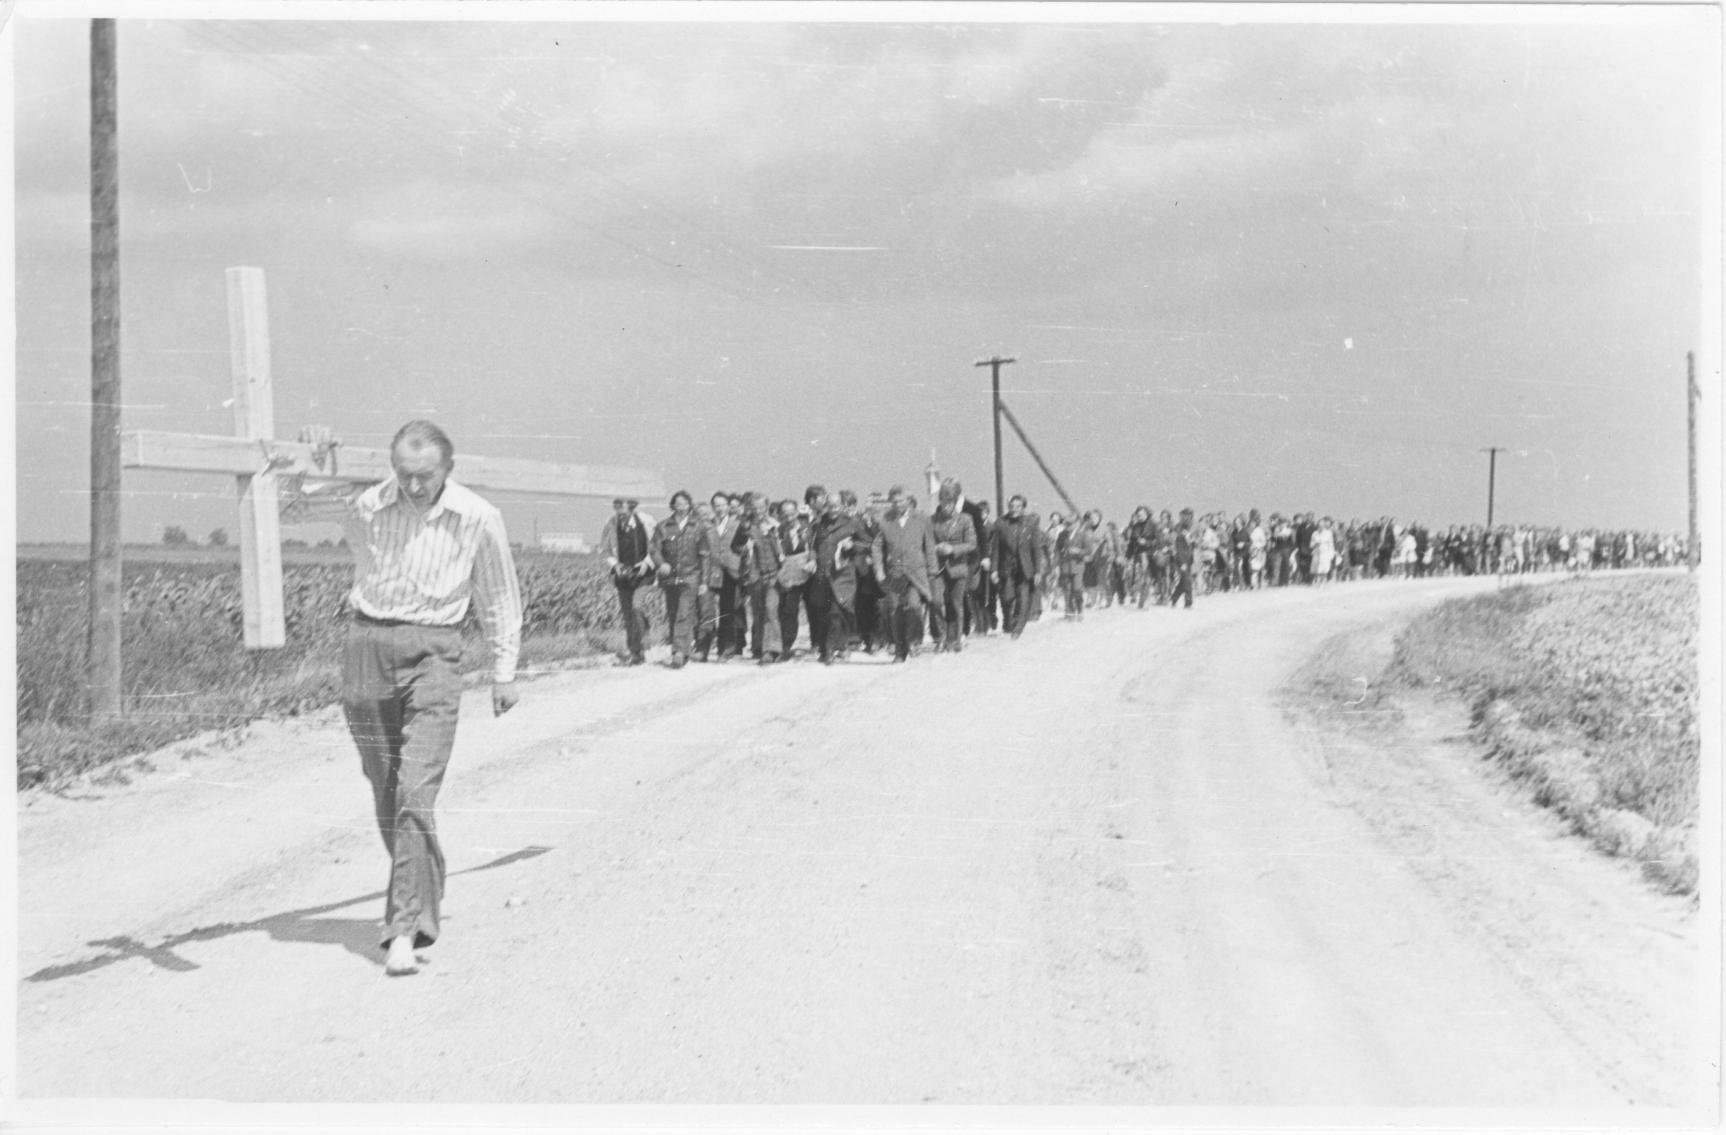 Eucharistijos bičiulių procesija į Kryžių kalną 1979 m. Kryžių basas neša kun. Algirdas Mocius.